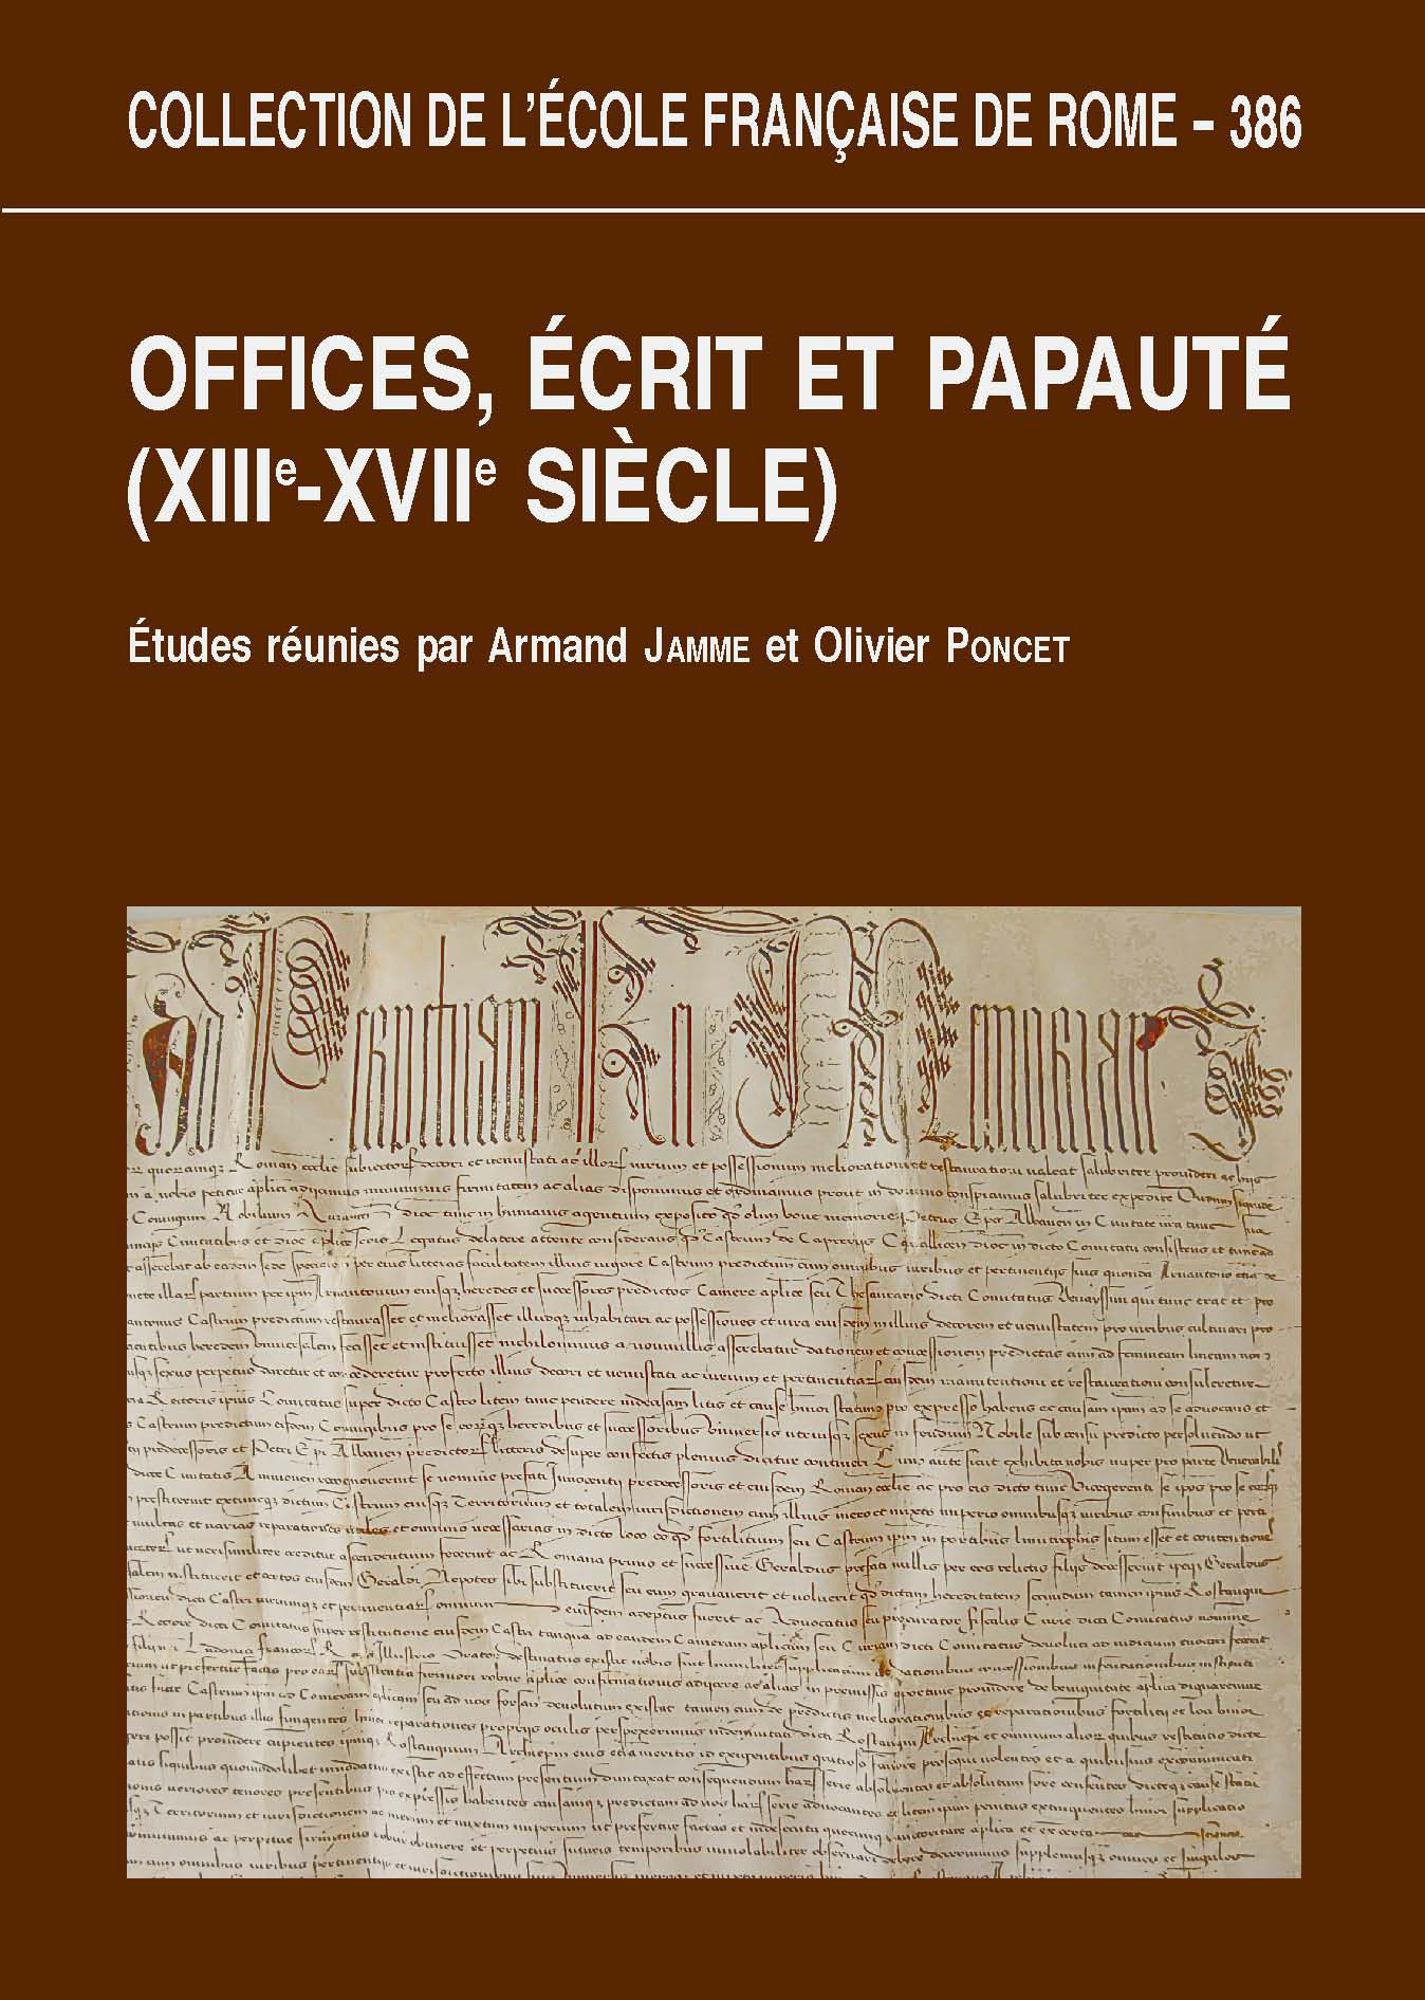 Offices, écrits et papauté ; XII-XVII siècle